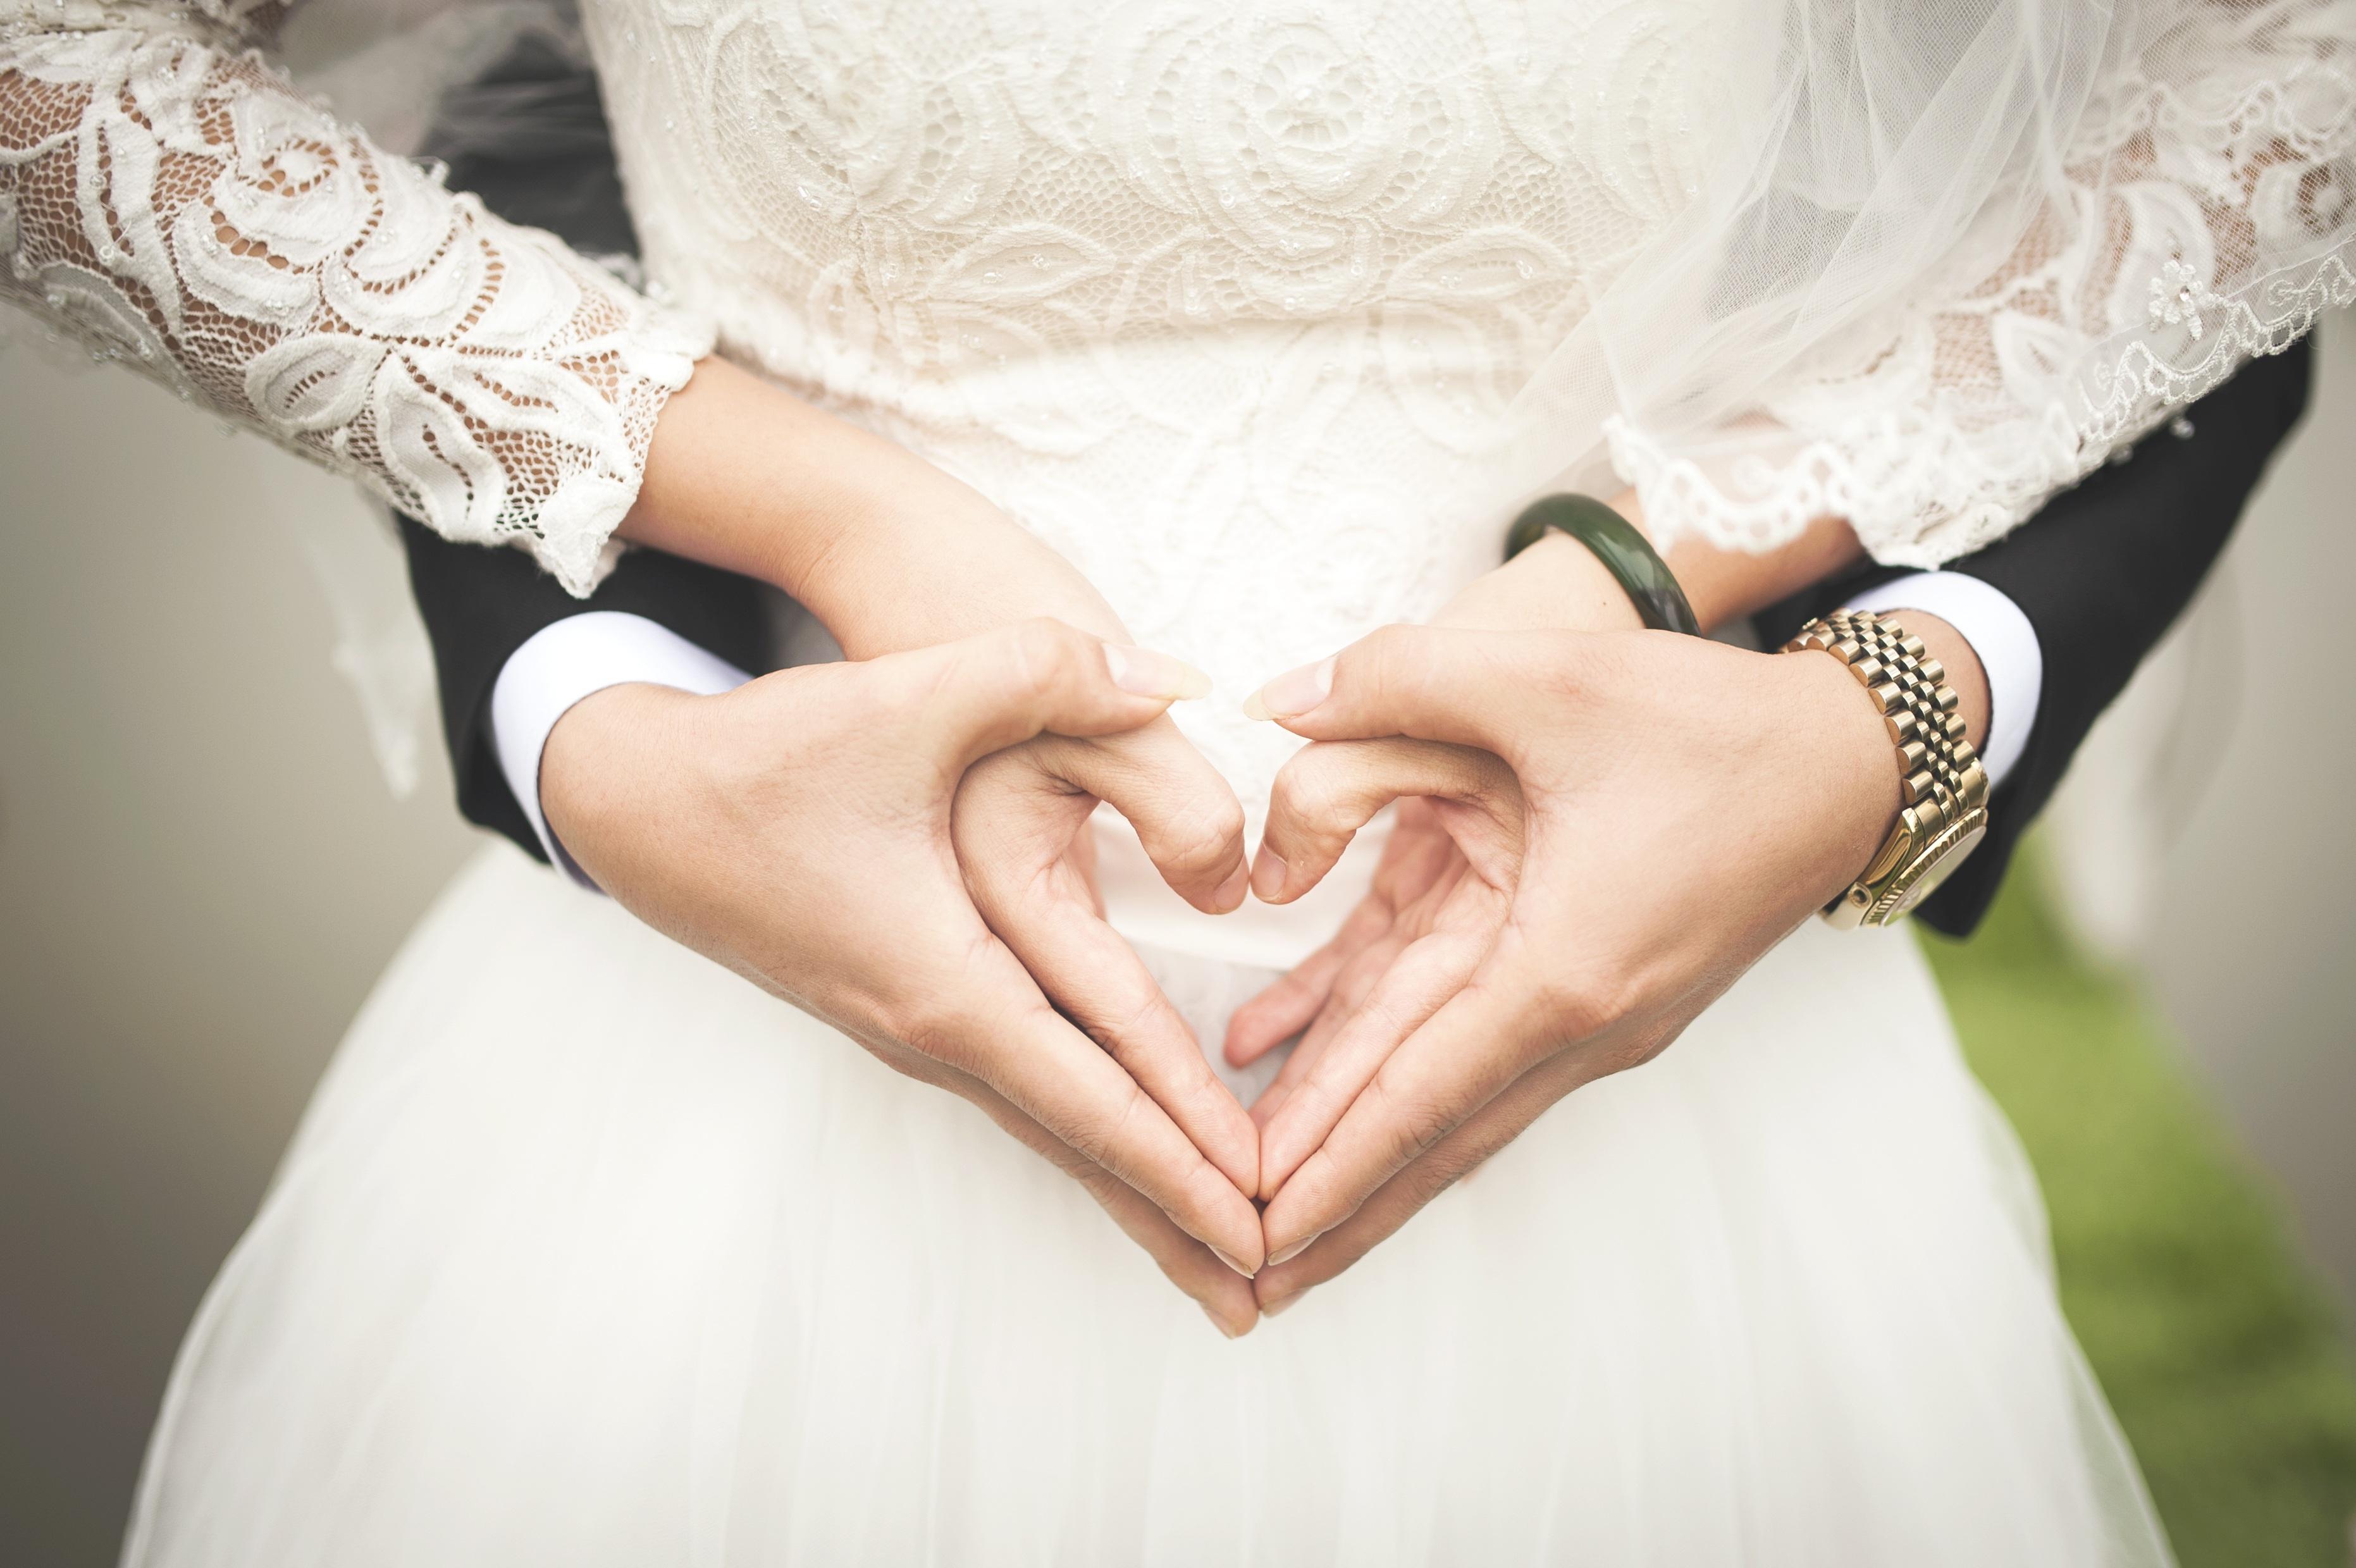 Буду ли я счастлива в браке гадание